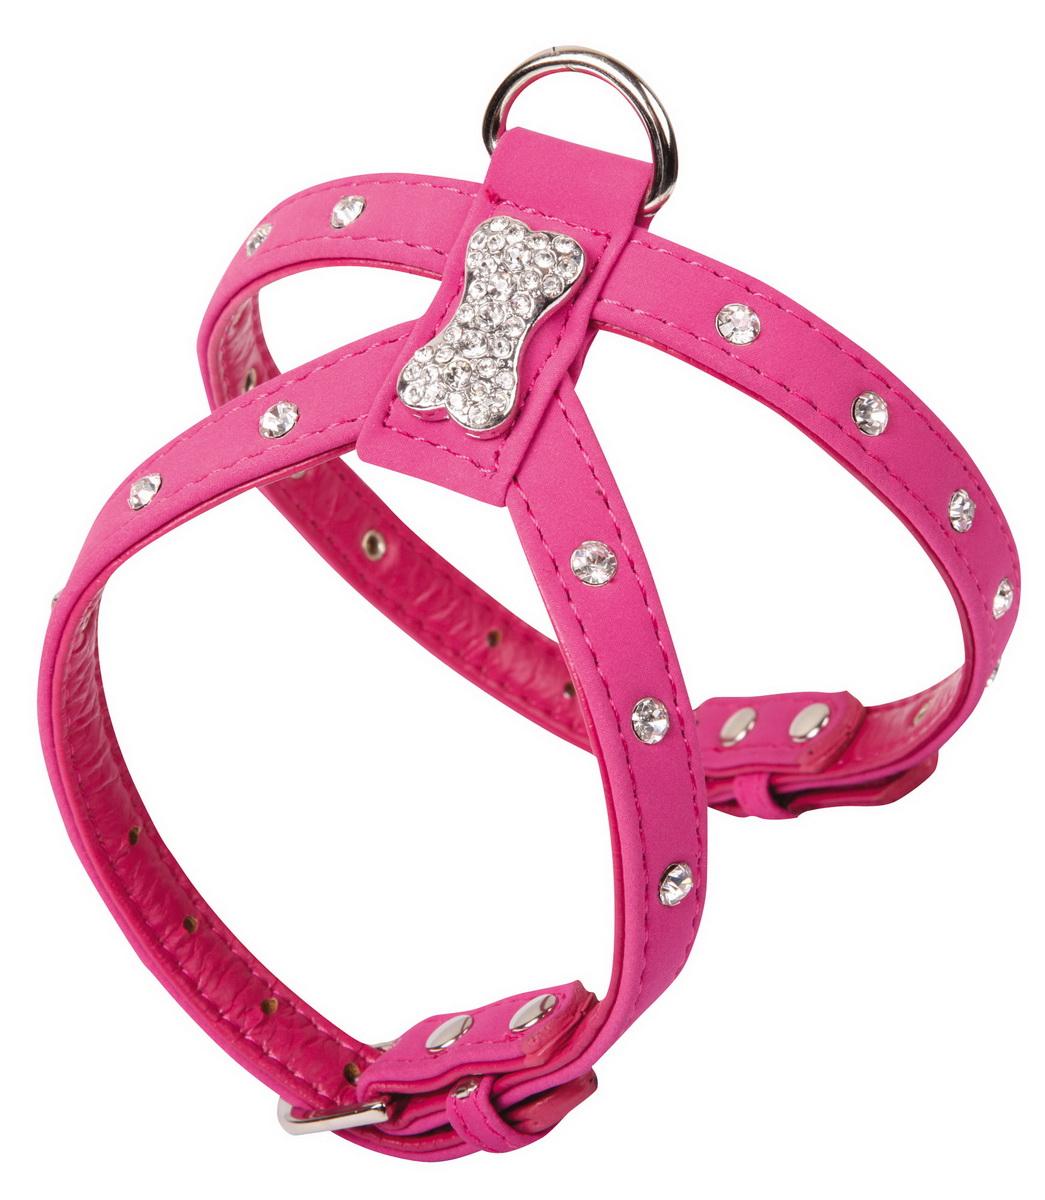 Шлейка для собак Dezzie, цвет: розовый, обхват шеи 15-20 см, обхват груди 22-27 см. Размер S. 5624078101246Шлейка Dezzie, изготовленная из бархата и украшенная металлической вставкой в виде косточки и стразами подходит для собак мелких пород. Крепкие металлические элементы делают ее надежной и долговечной. Шлейка - это альтернатива ошейнику. Правильно подобранная шлейка не стесняет движения питомца, не натирает кожу, поэтому животное чувствует себя в ней уверенно и комфортно. Изделие отличается высоким качеством, удобством и универсальностью. Имеется металлическое кольцо для крепления поводка. Размер регулируется при помощи пряжек.Обхват шеи: 15-20 см. Обхват груди: 22-27 см.